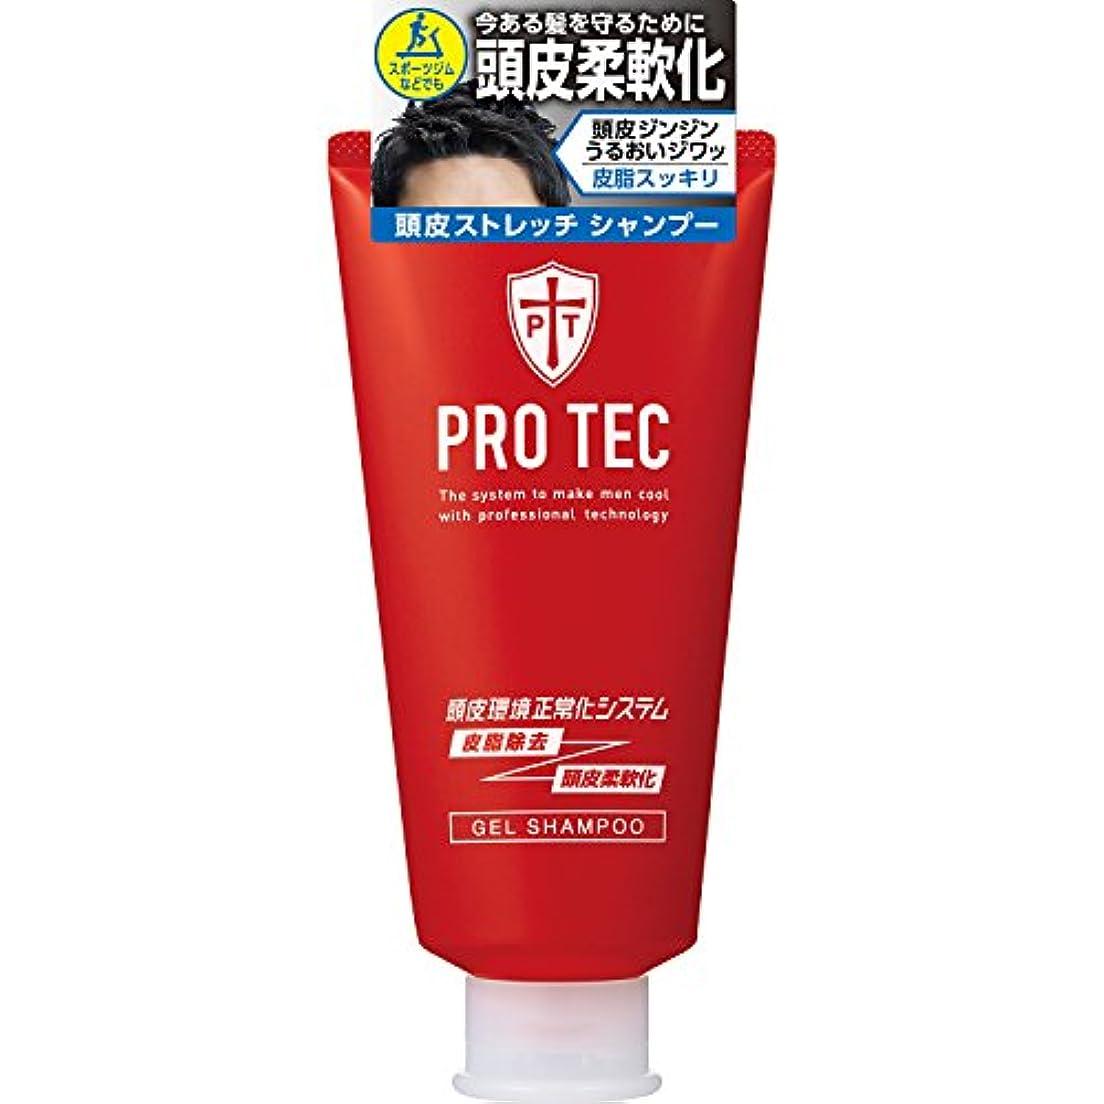 フィッティング批評できないPRO TEC(プロテク) 頭皮ストレッチ シャンプー チューブ 150g(医薬部外品)